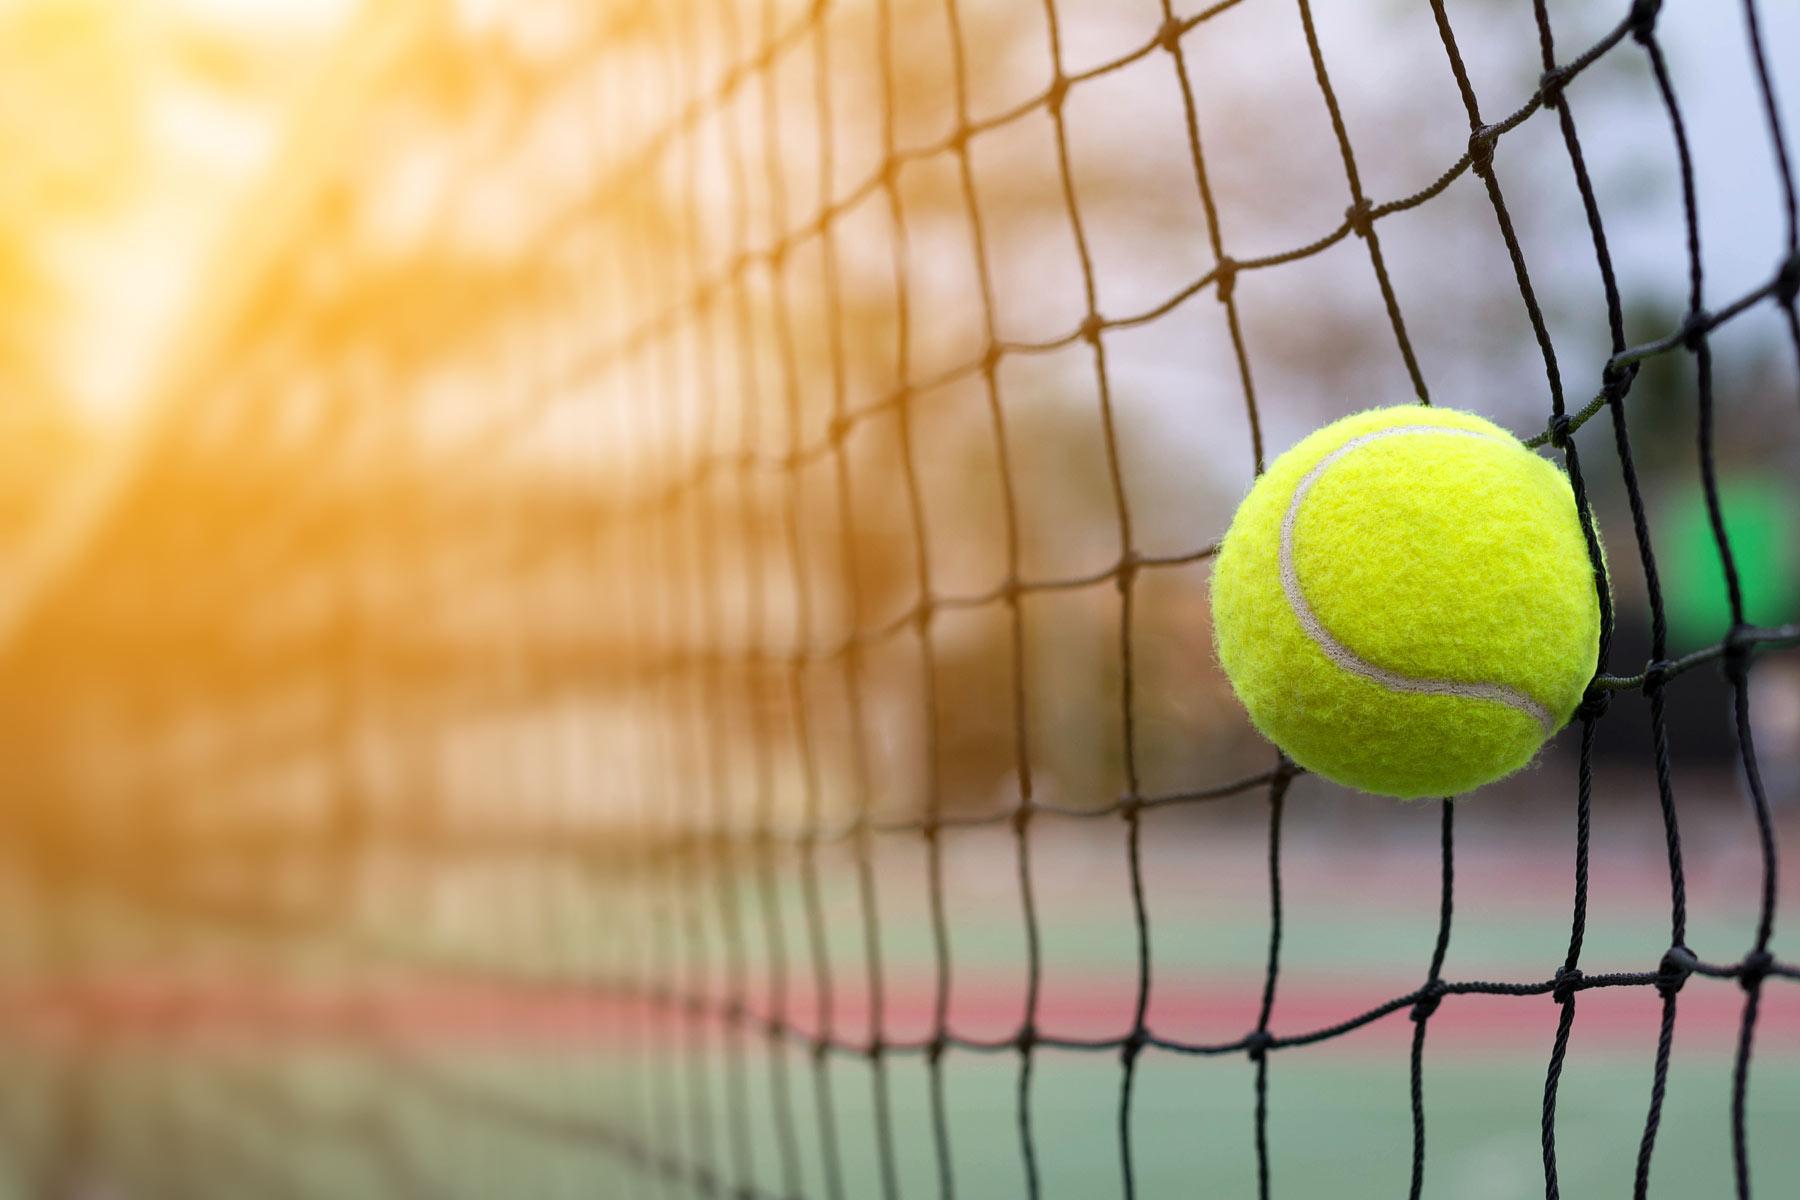 tennis ball against tennis net